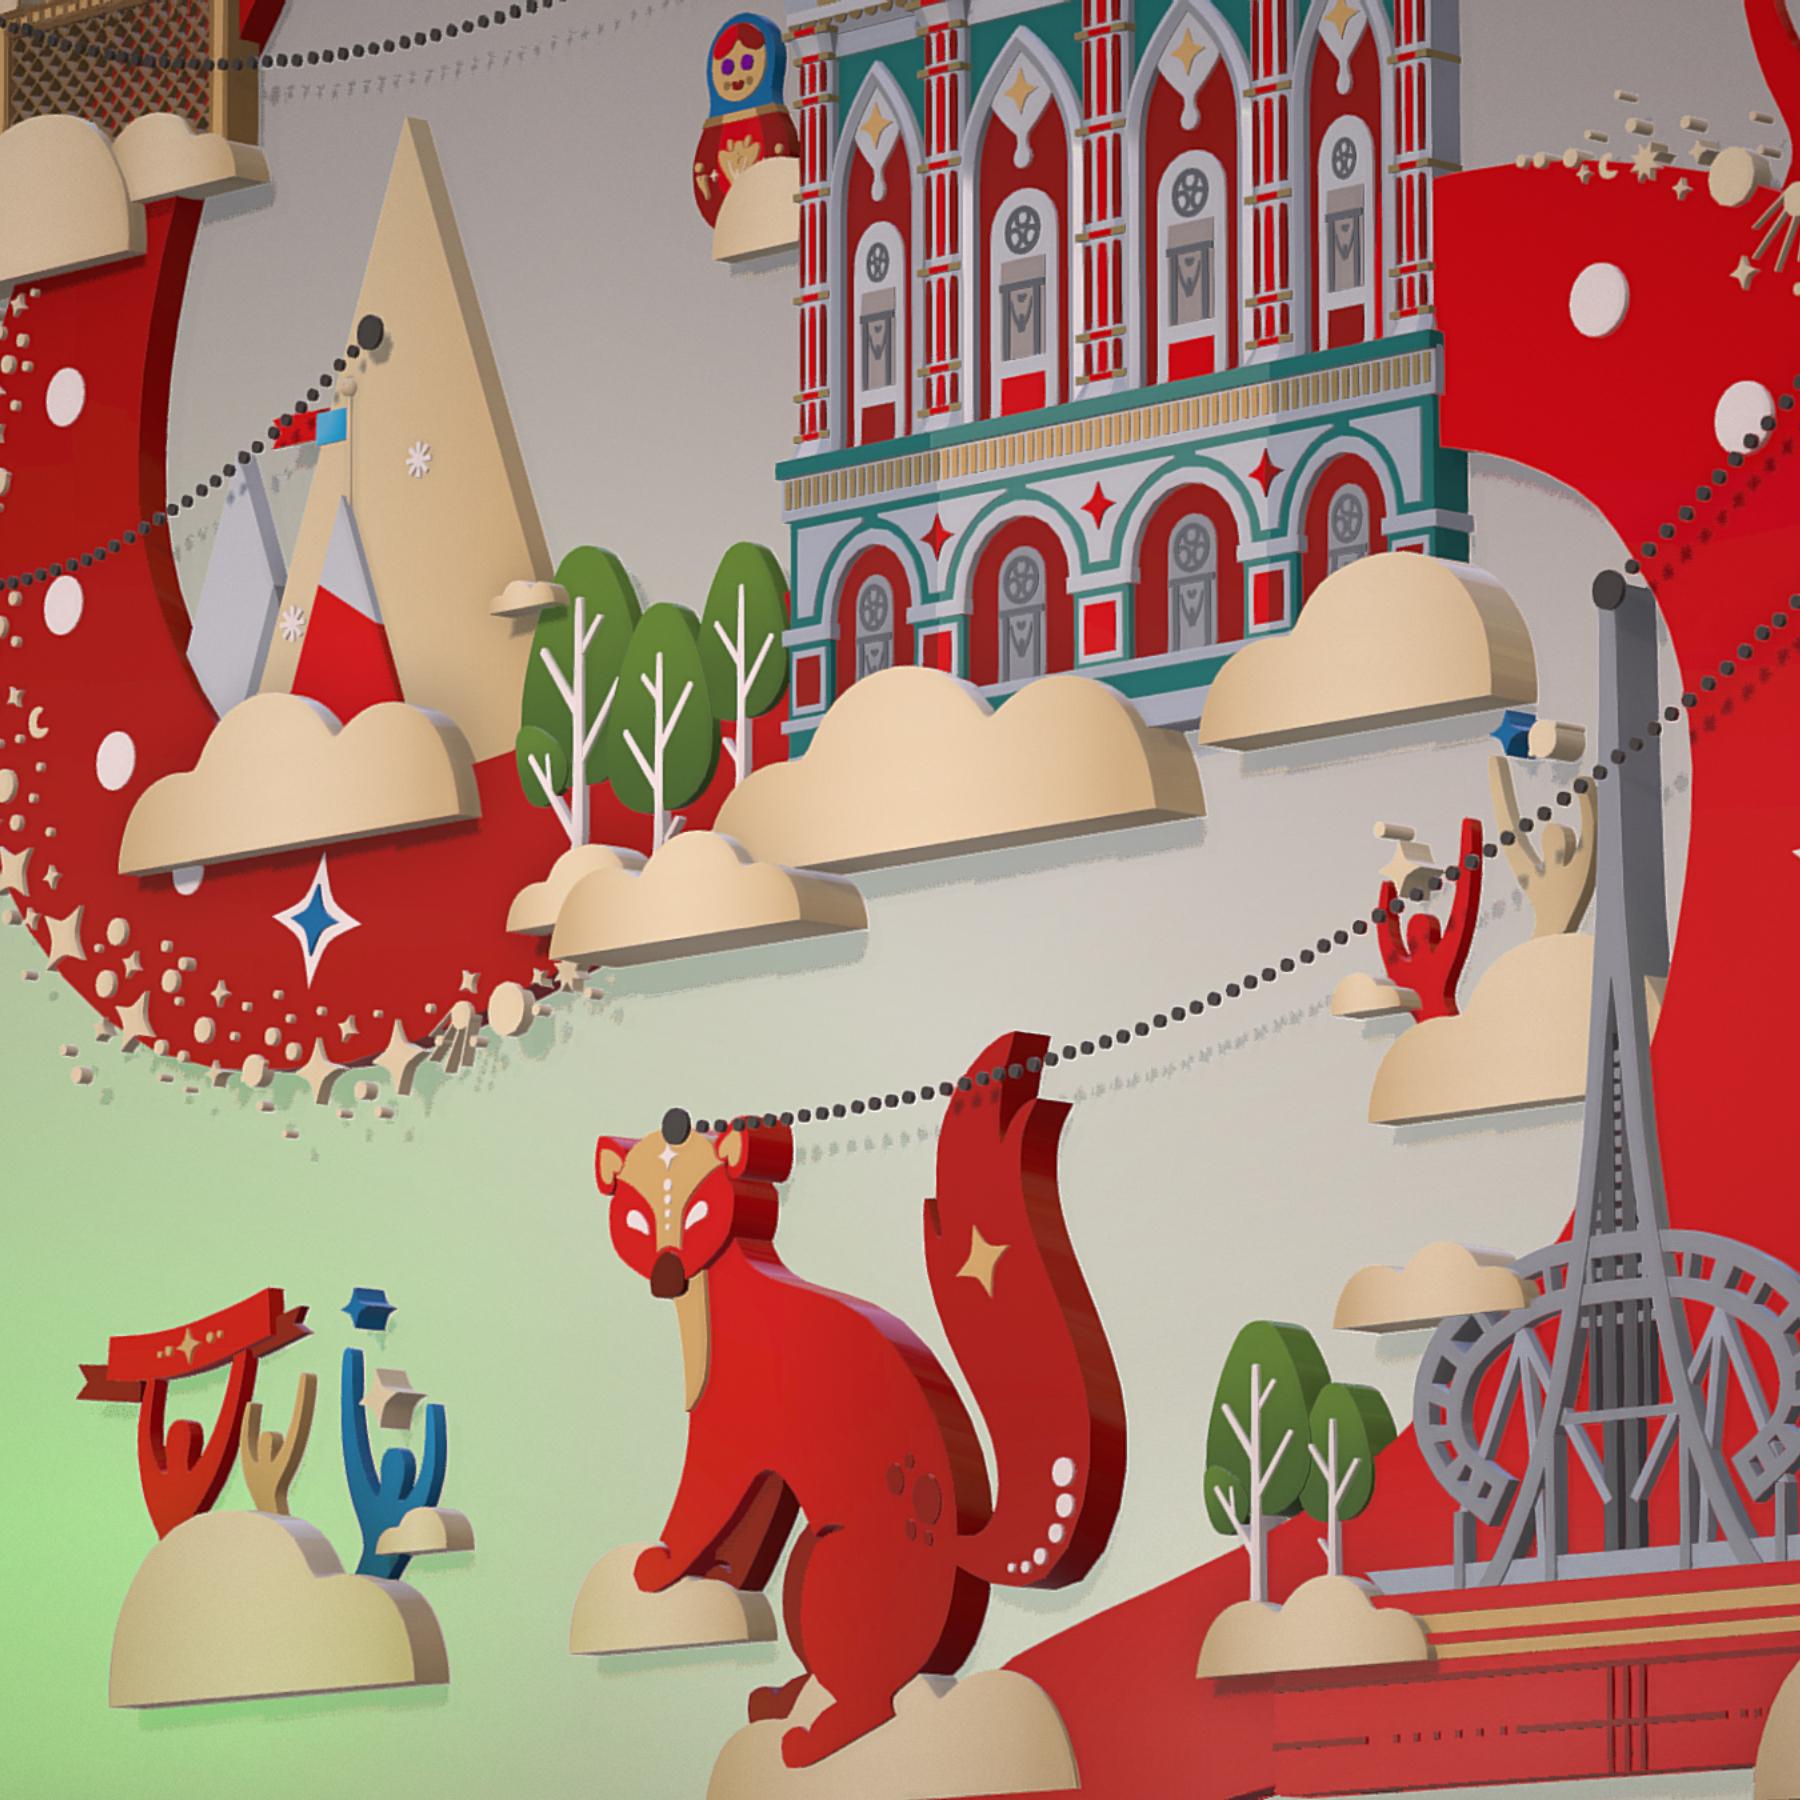 fifa wold cup 2018 russia host city ekaterinburg 3d model max  fbx jpeg jpg ma mb obj 271377